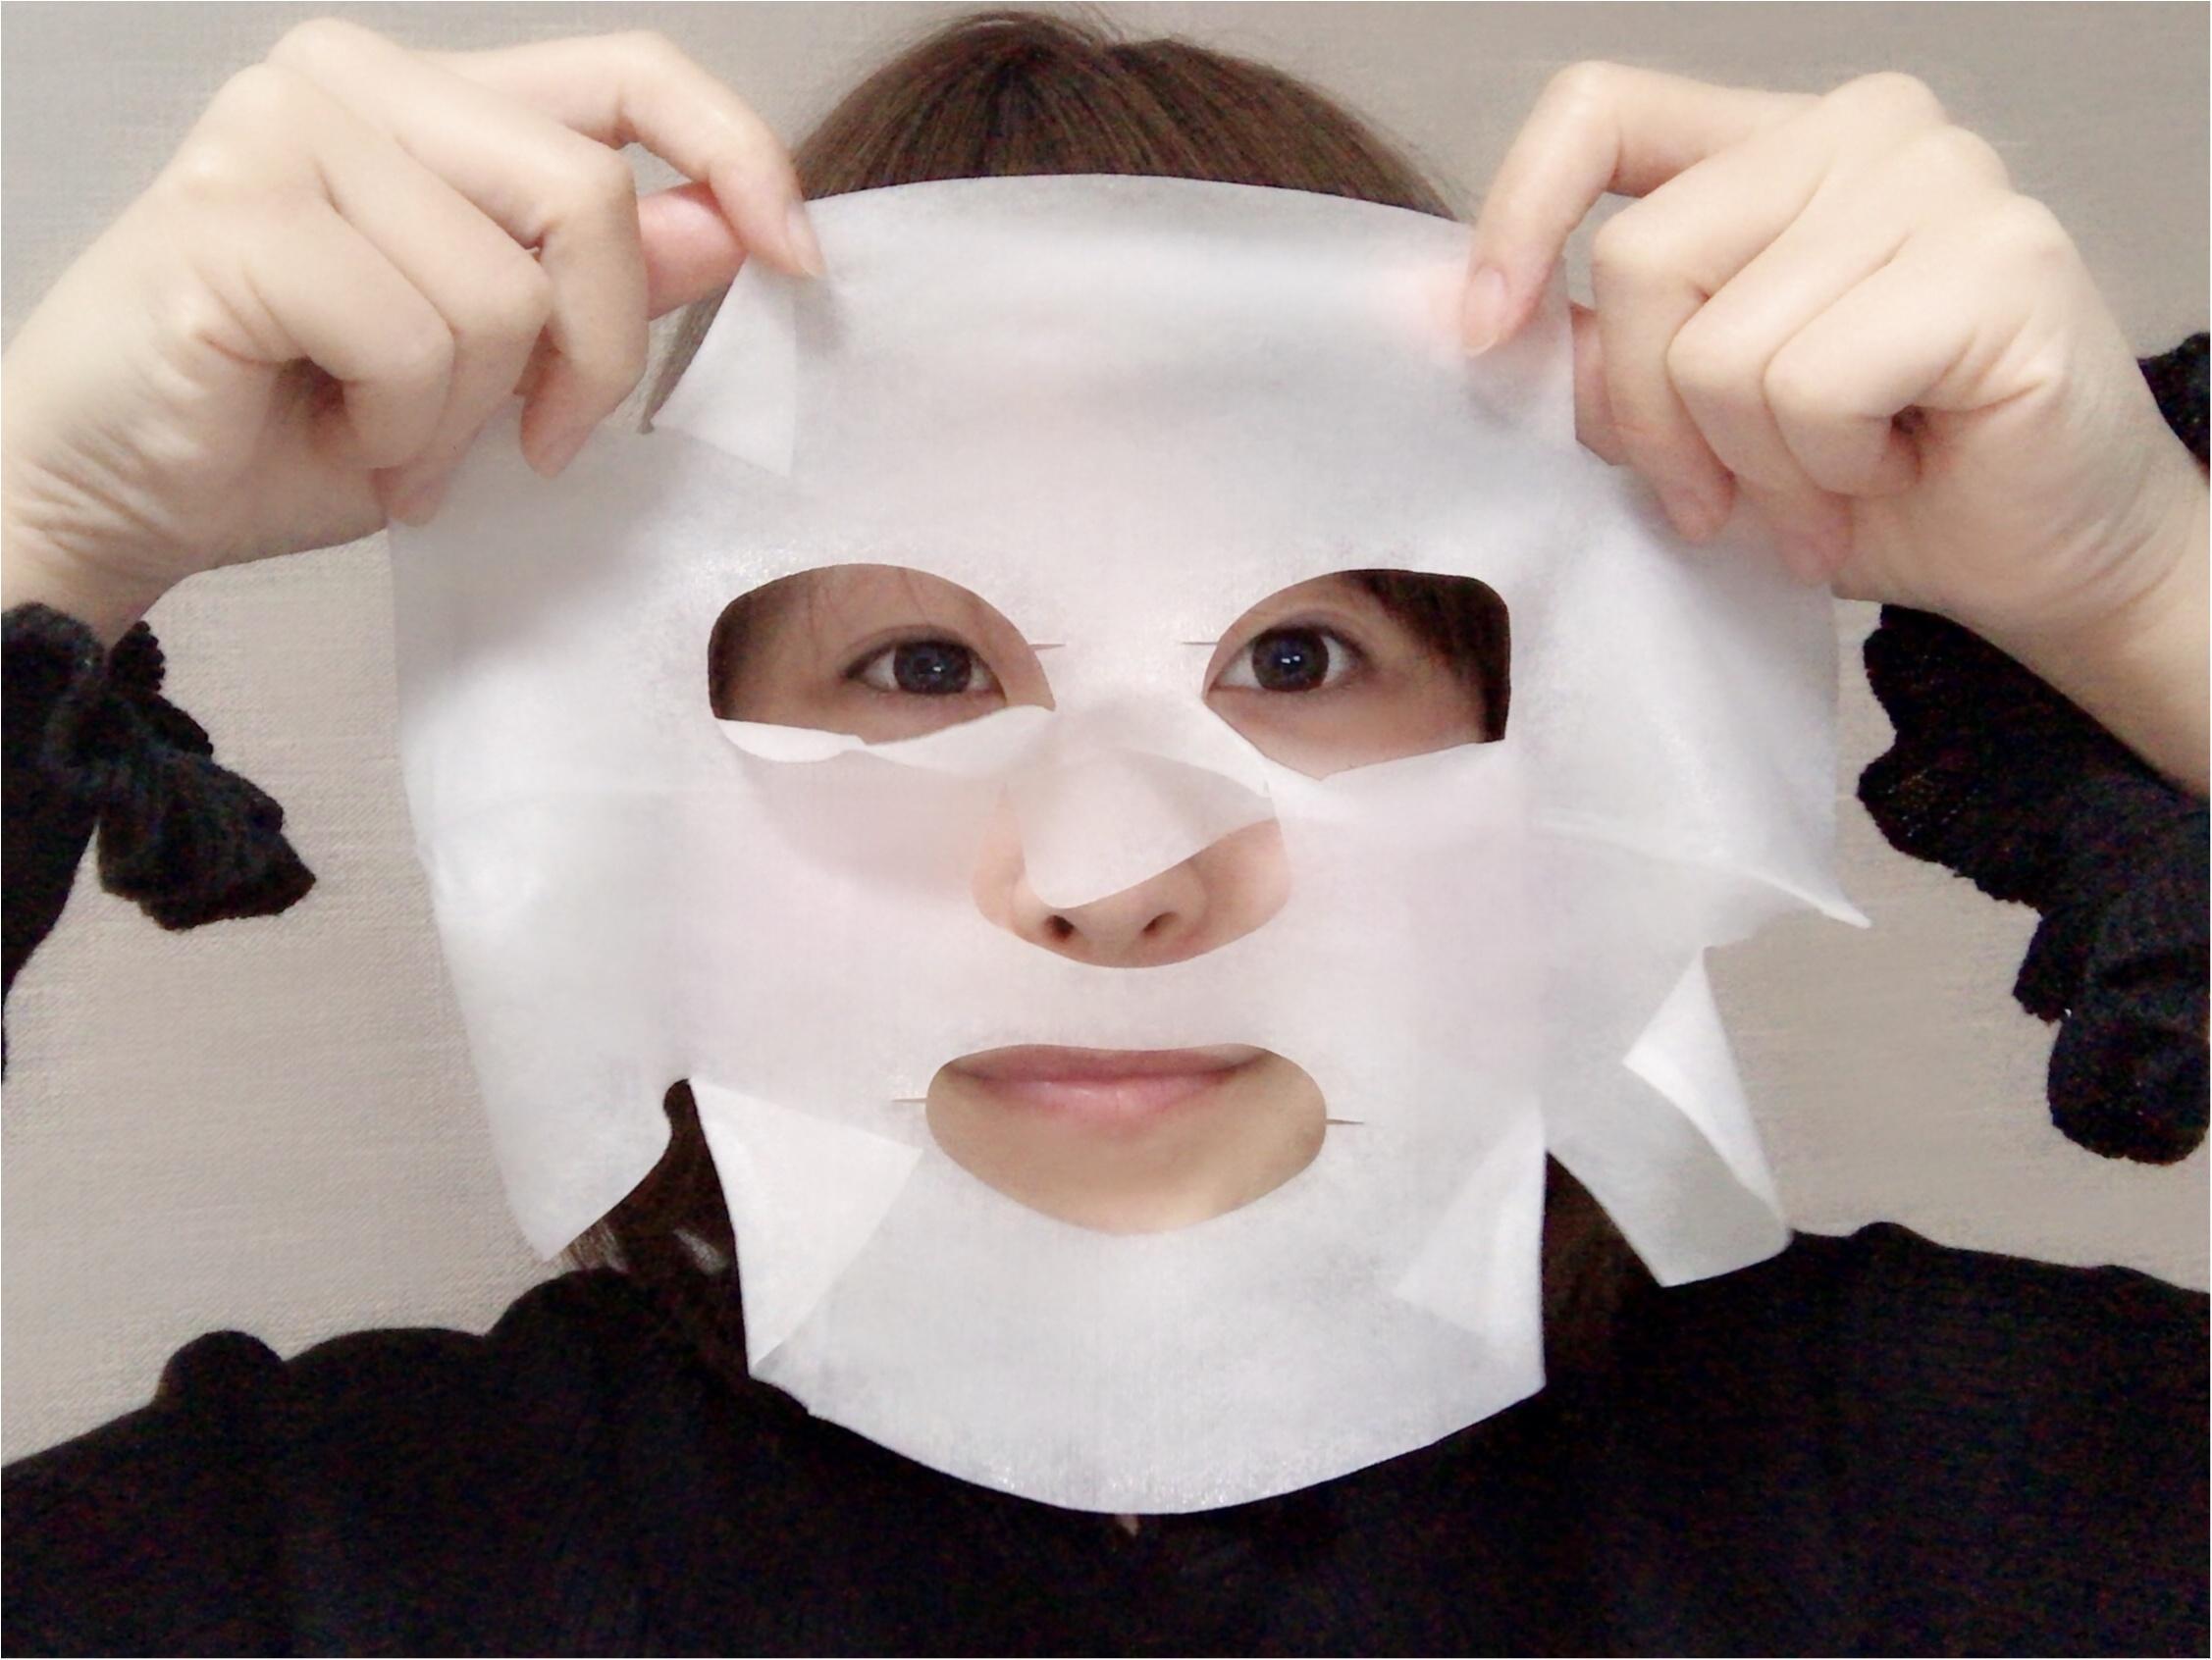 コスパ抜群!100均の《フェイスマスク》が優秀すぎる❤︎100円でこのクオリティーはすごい。手軽にケアしちゃいましょ♡♡_3